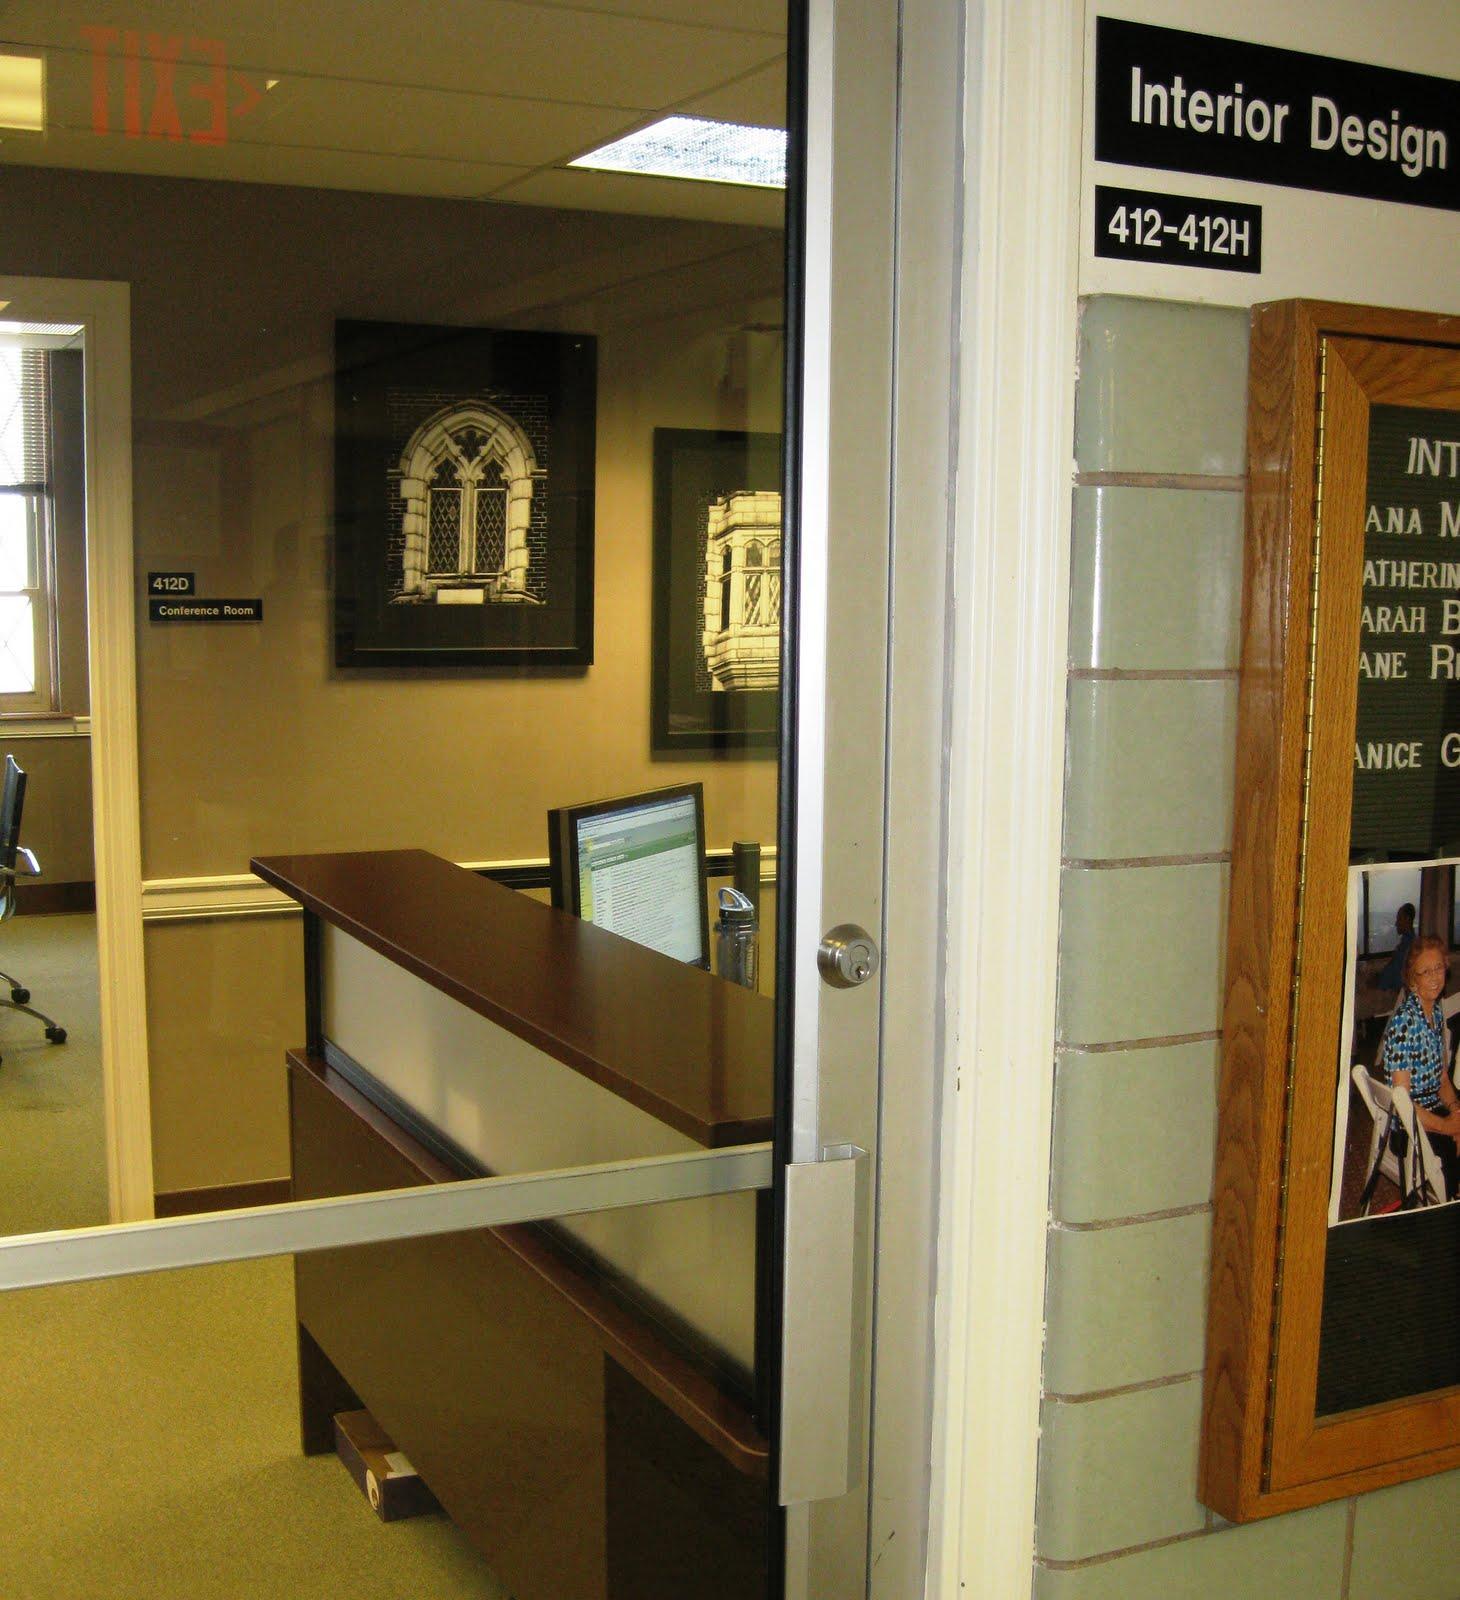 interior design department of utc interior design ut